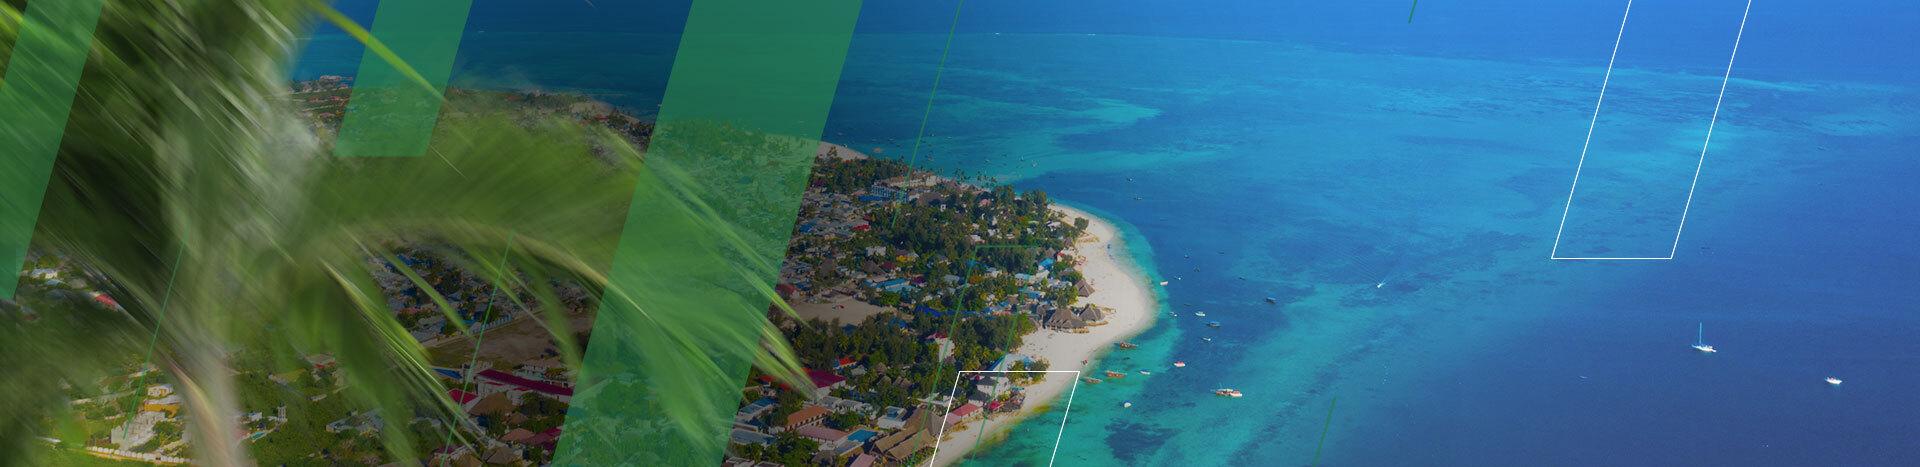 Euro 2020 - konkurs, Zanzibar